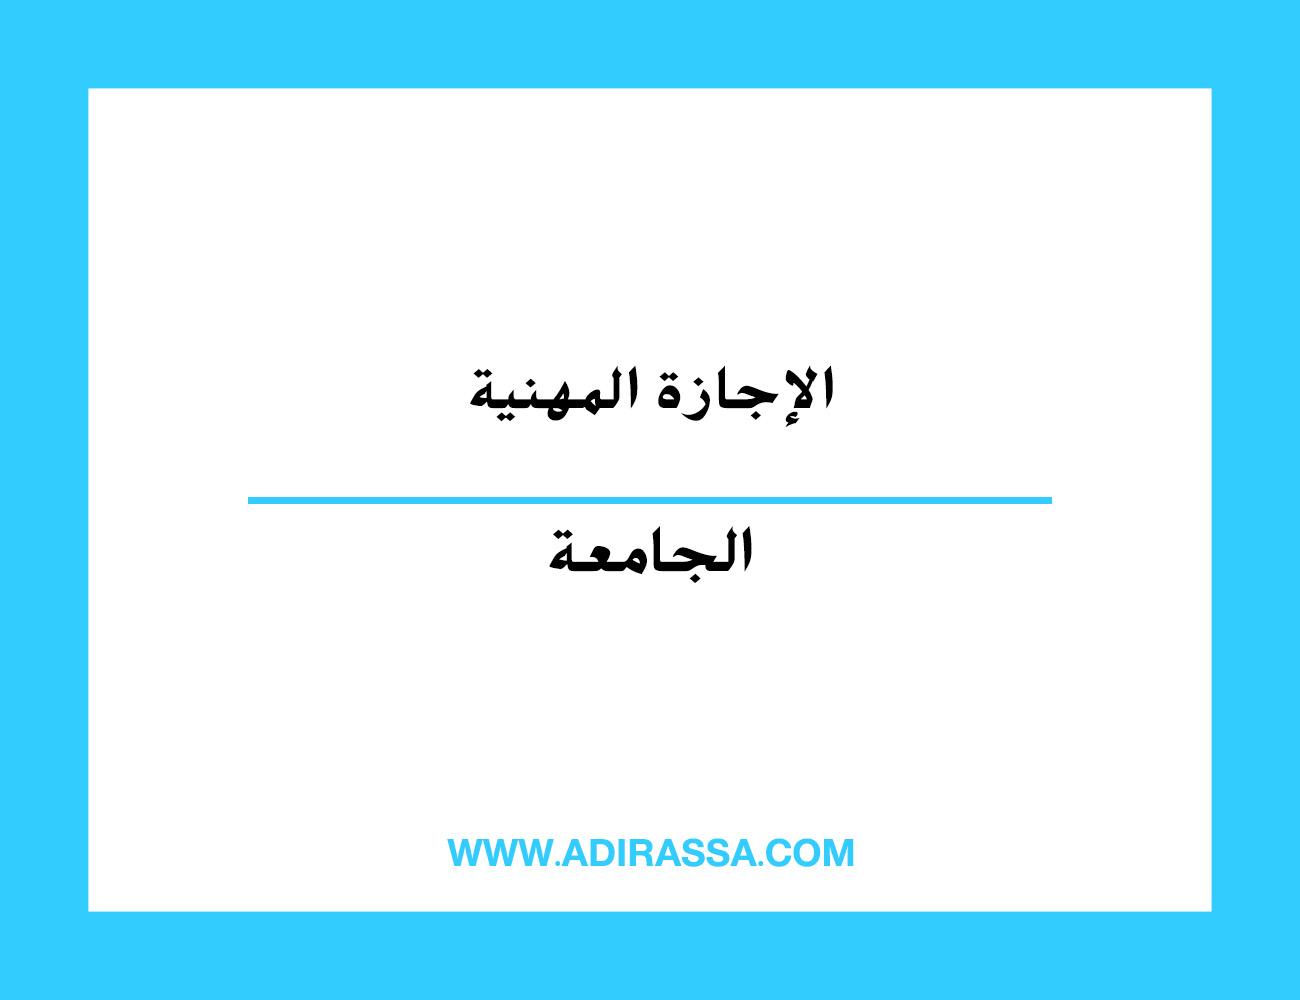 الإجازة المهنية بالمغرب تتويجا لمسار دراسي بخبرات معرفية ومهنية قوية